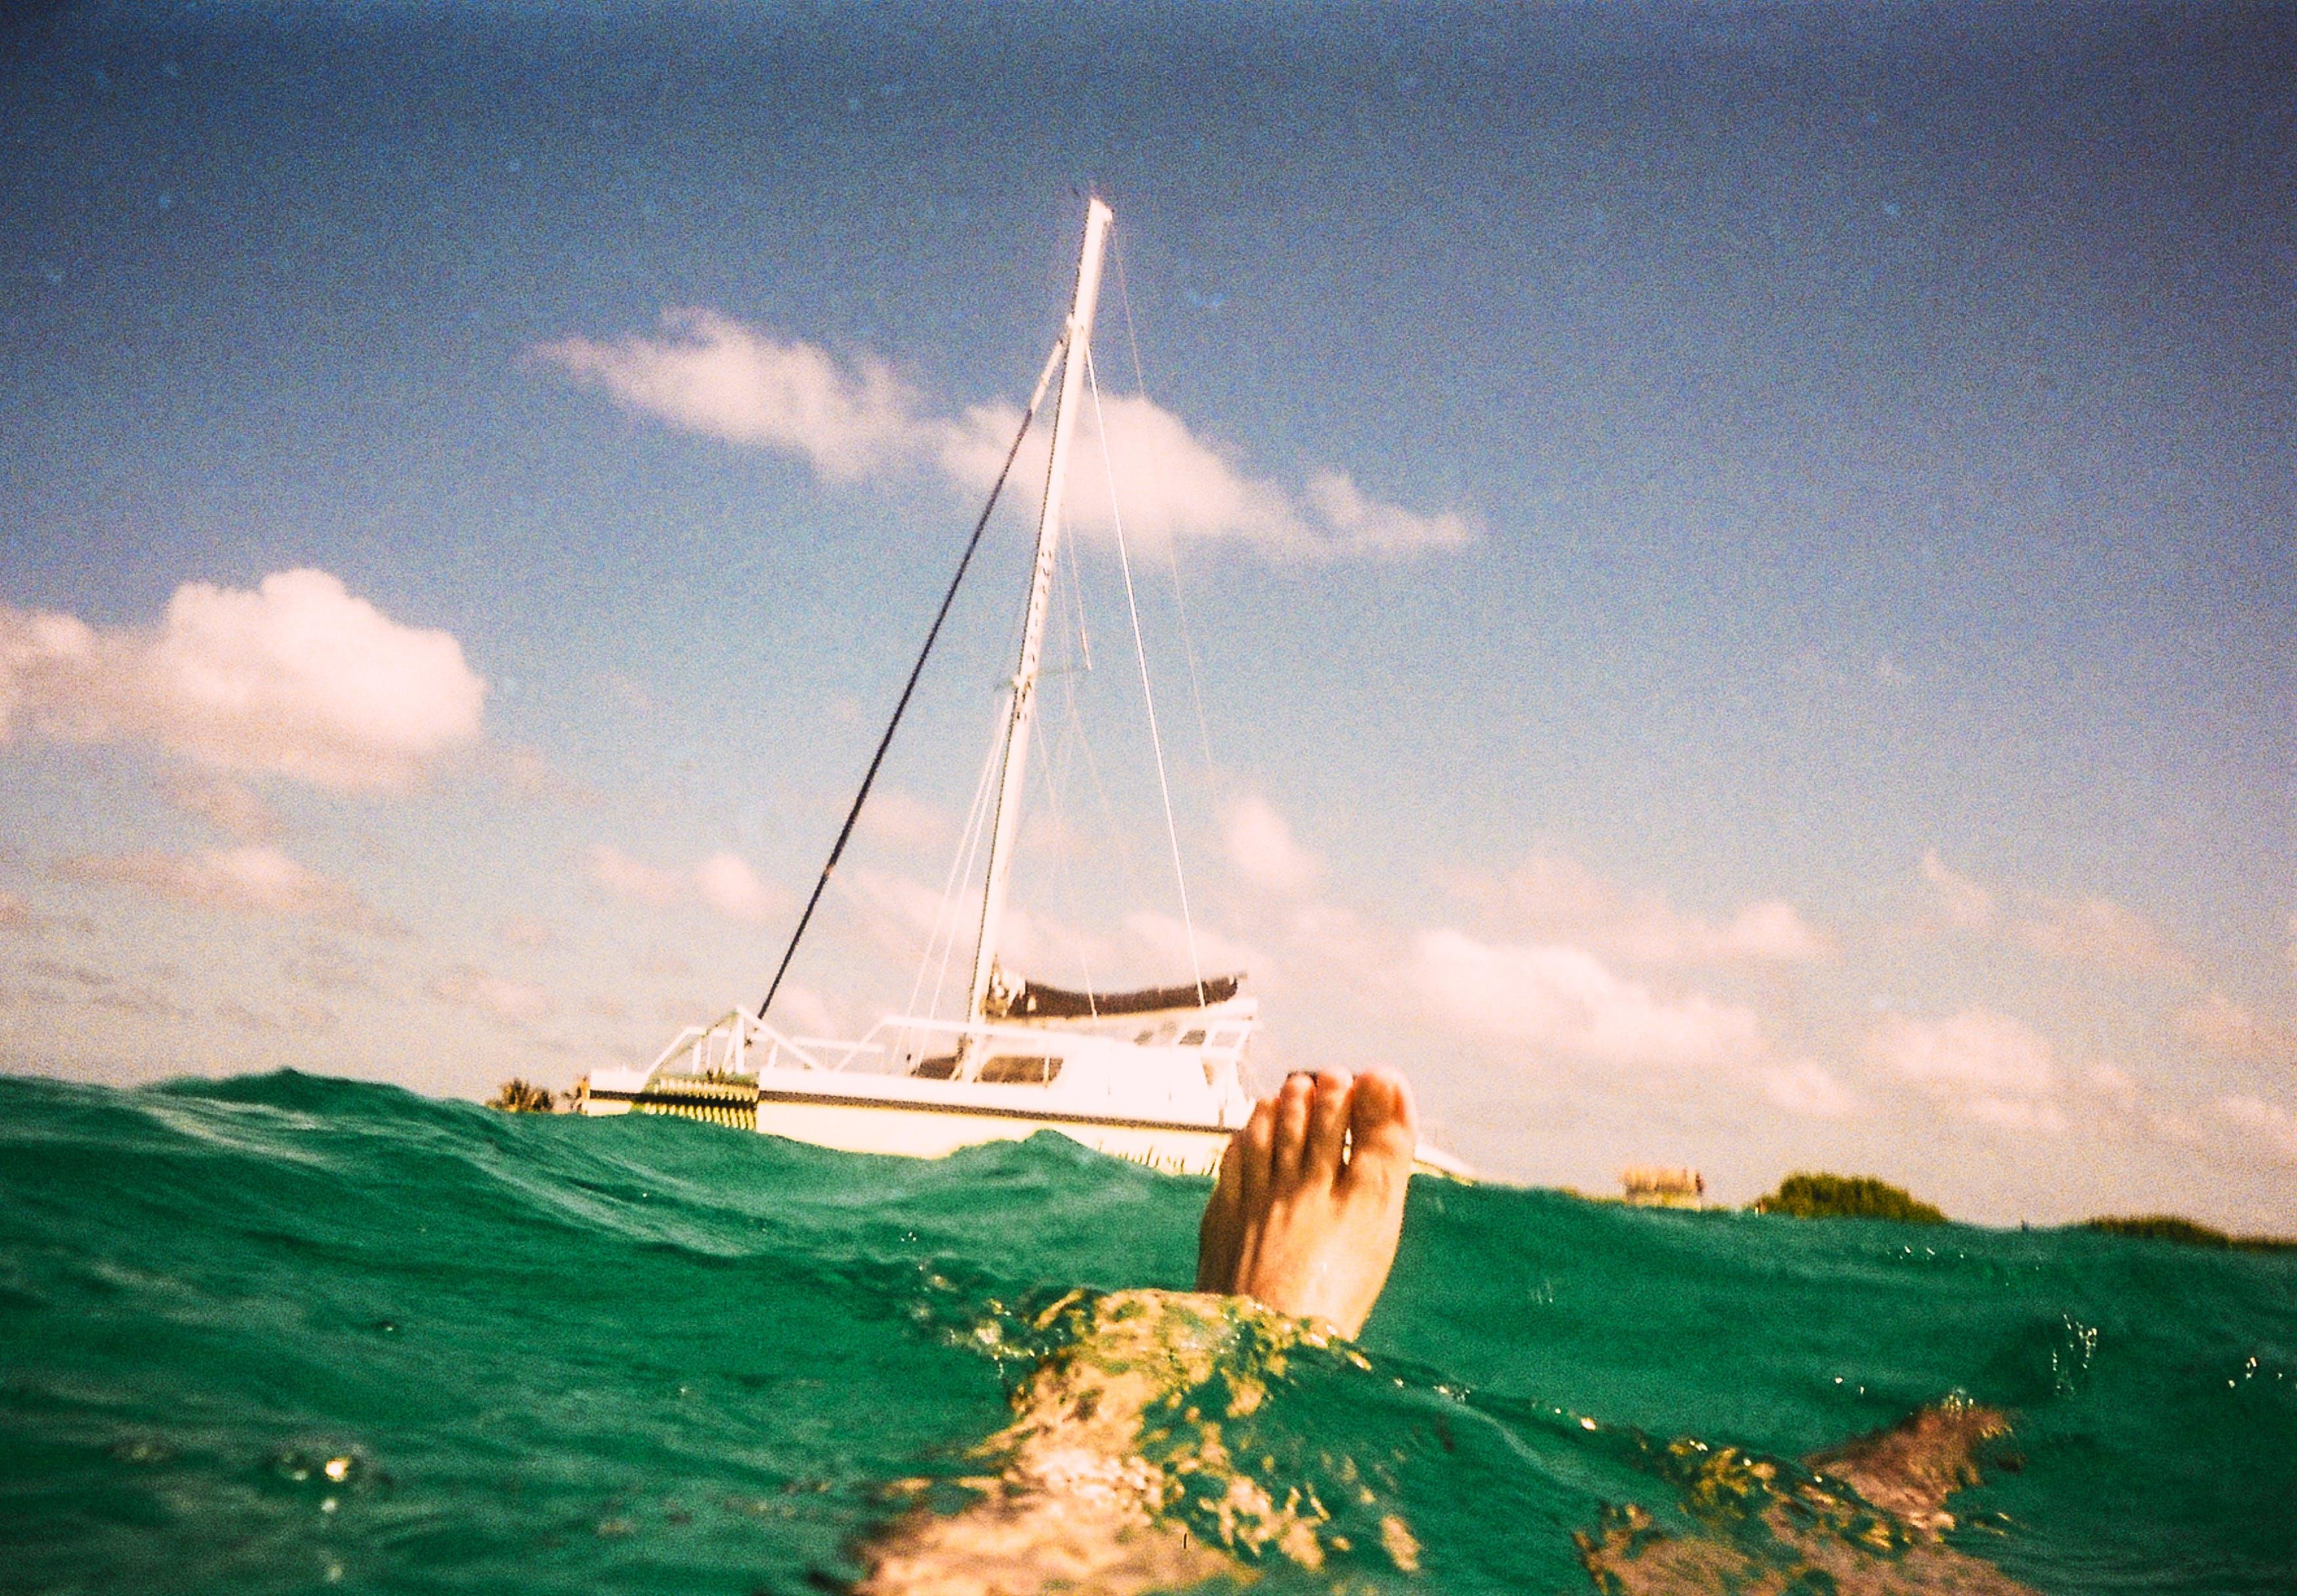 人, 休閒, 假期, 冷靜 的 免费素材照片